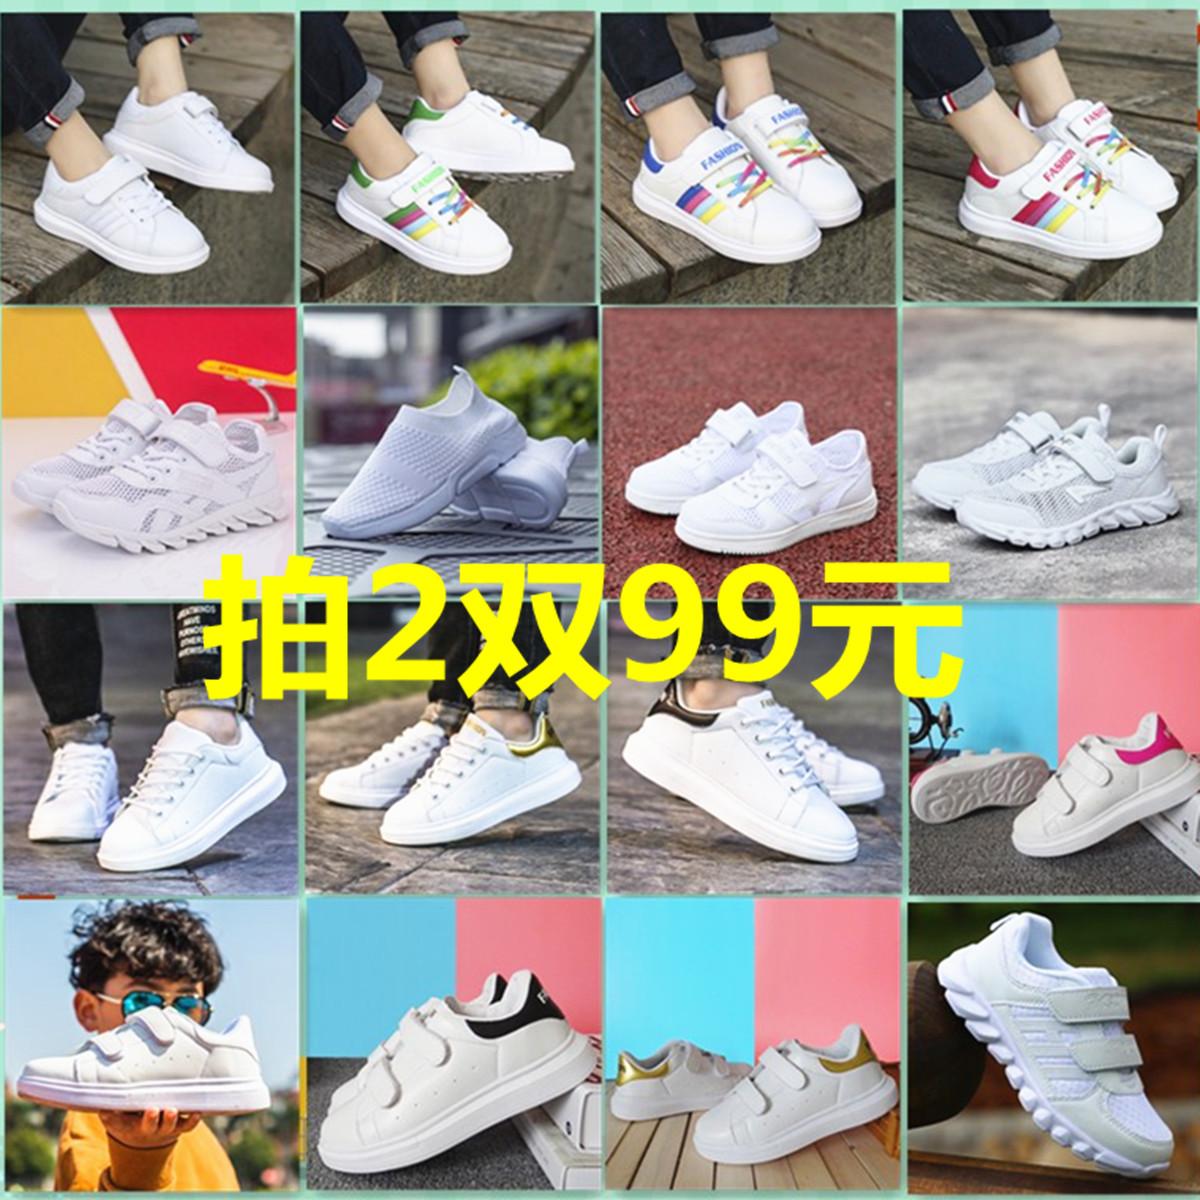 运动鞋34